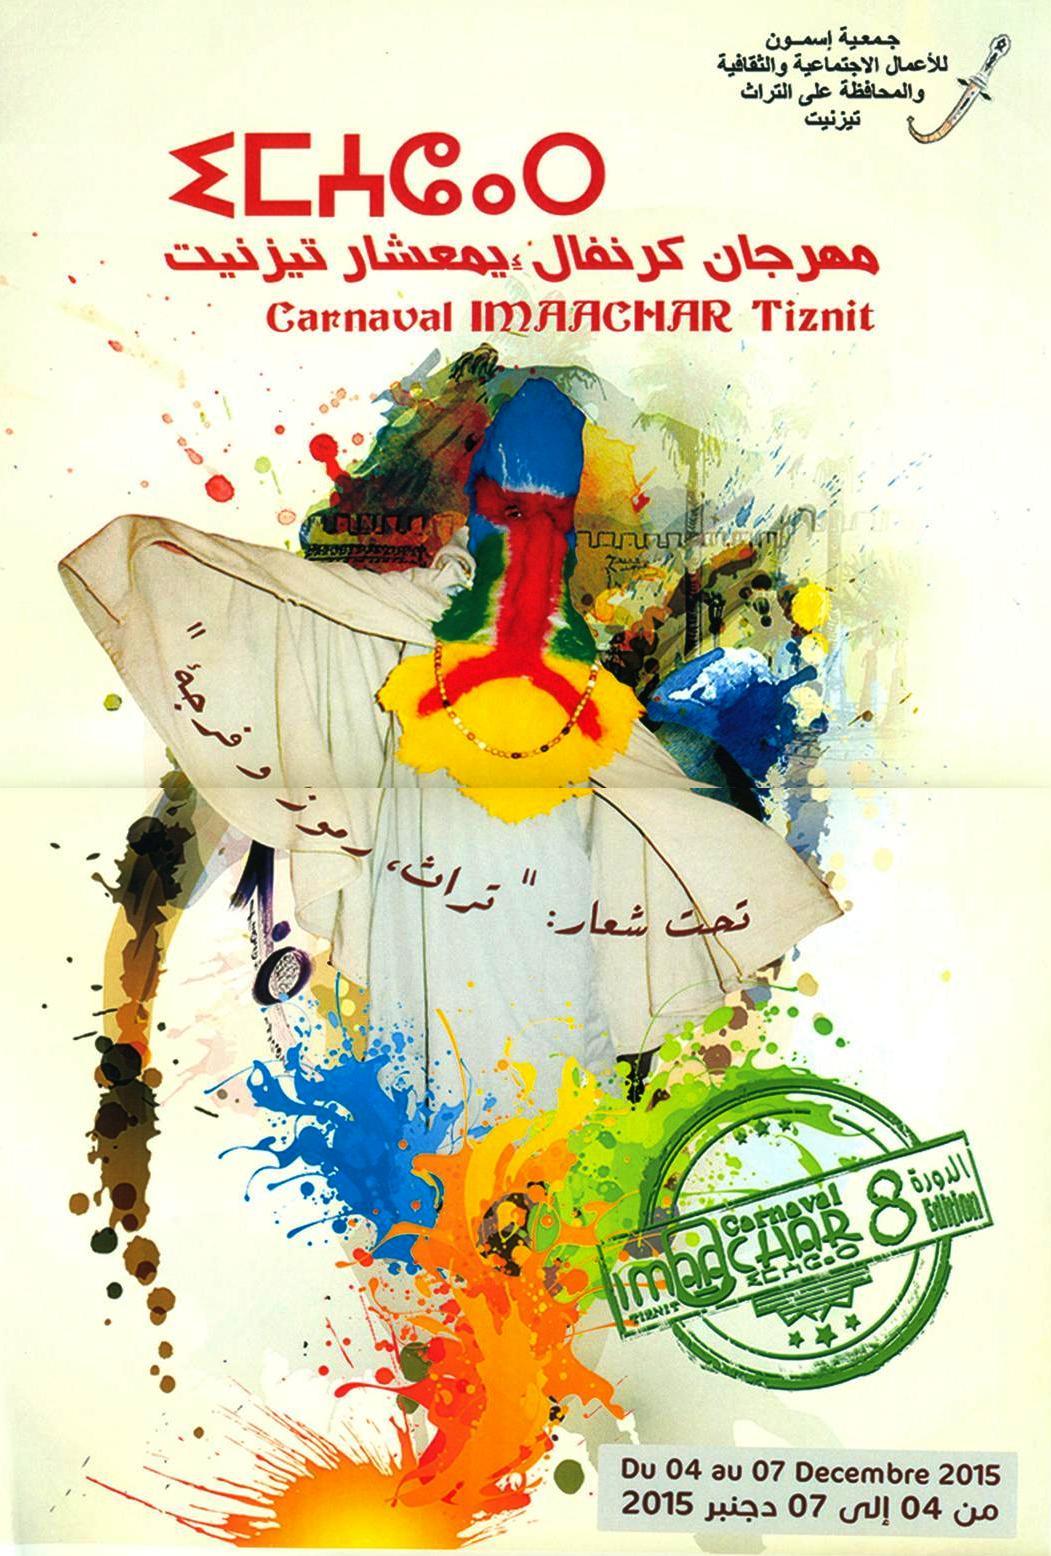 تيزنيت تحتضن النسخة الثامنة من مهرجان كرنفال إمعشار